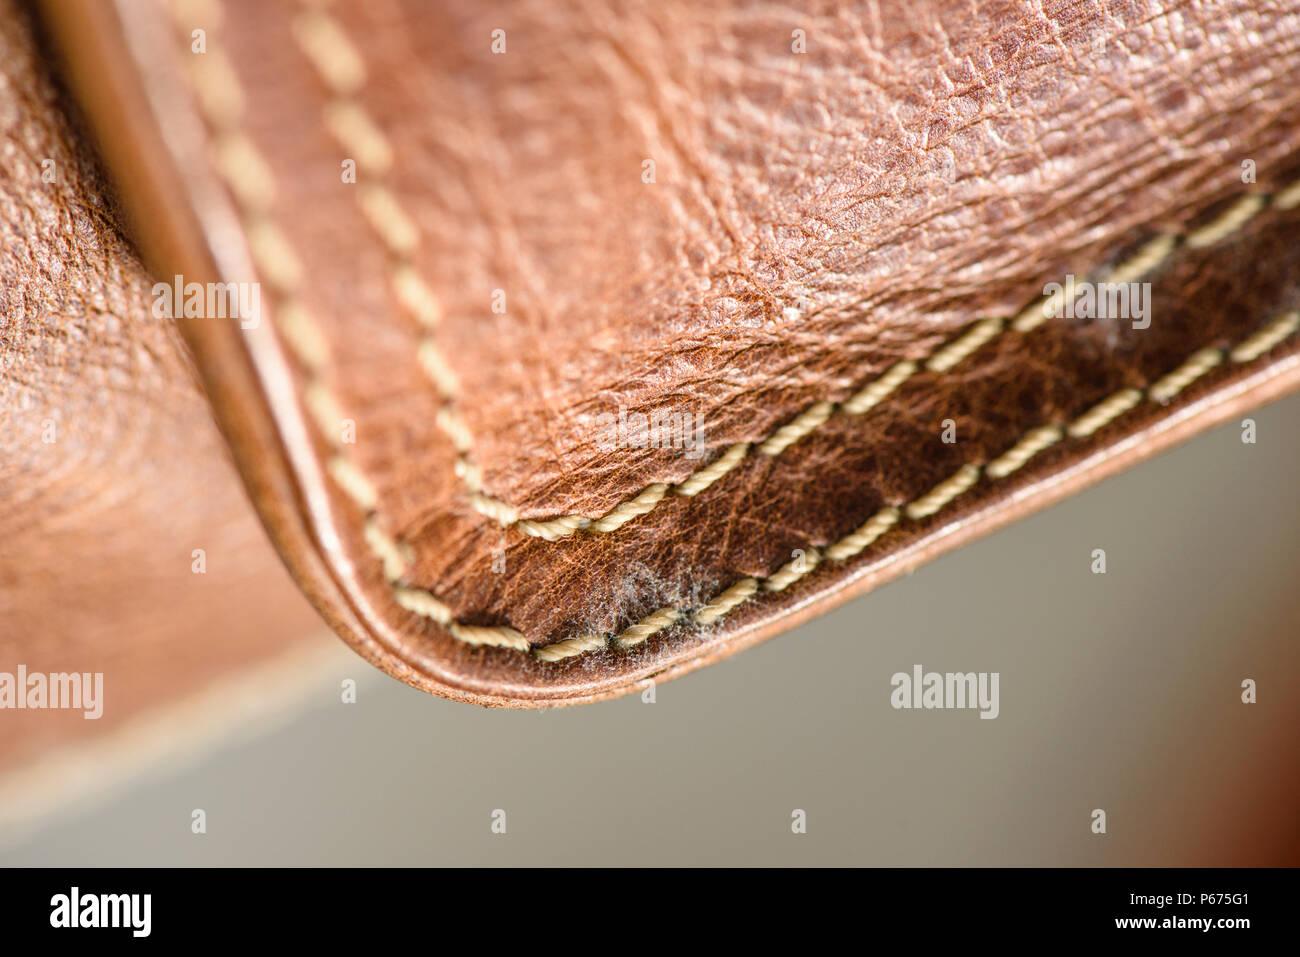 Super Schimmel auf alte braune Ledertasche, Pilz auf Leder Tasche PV52